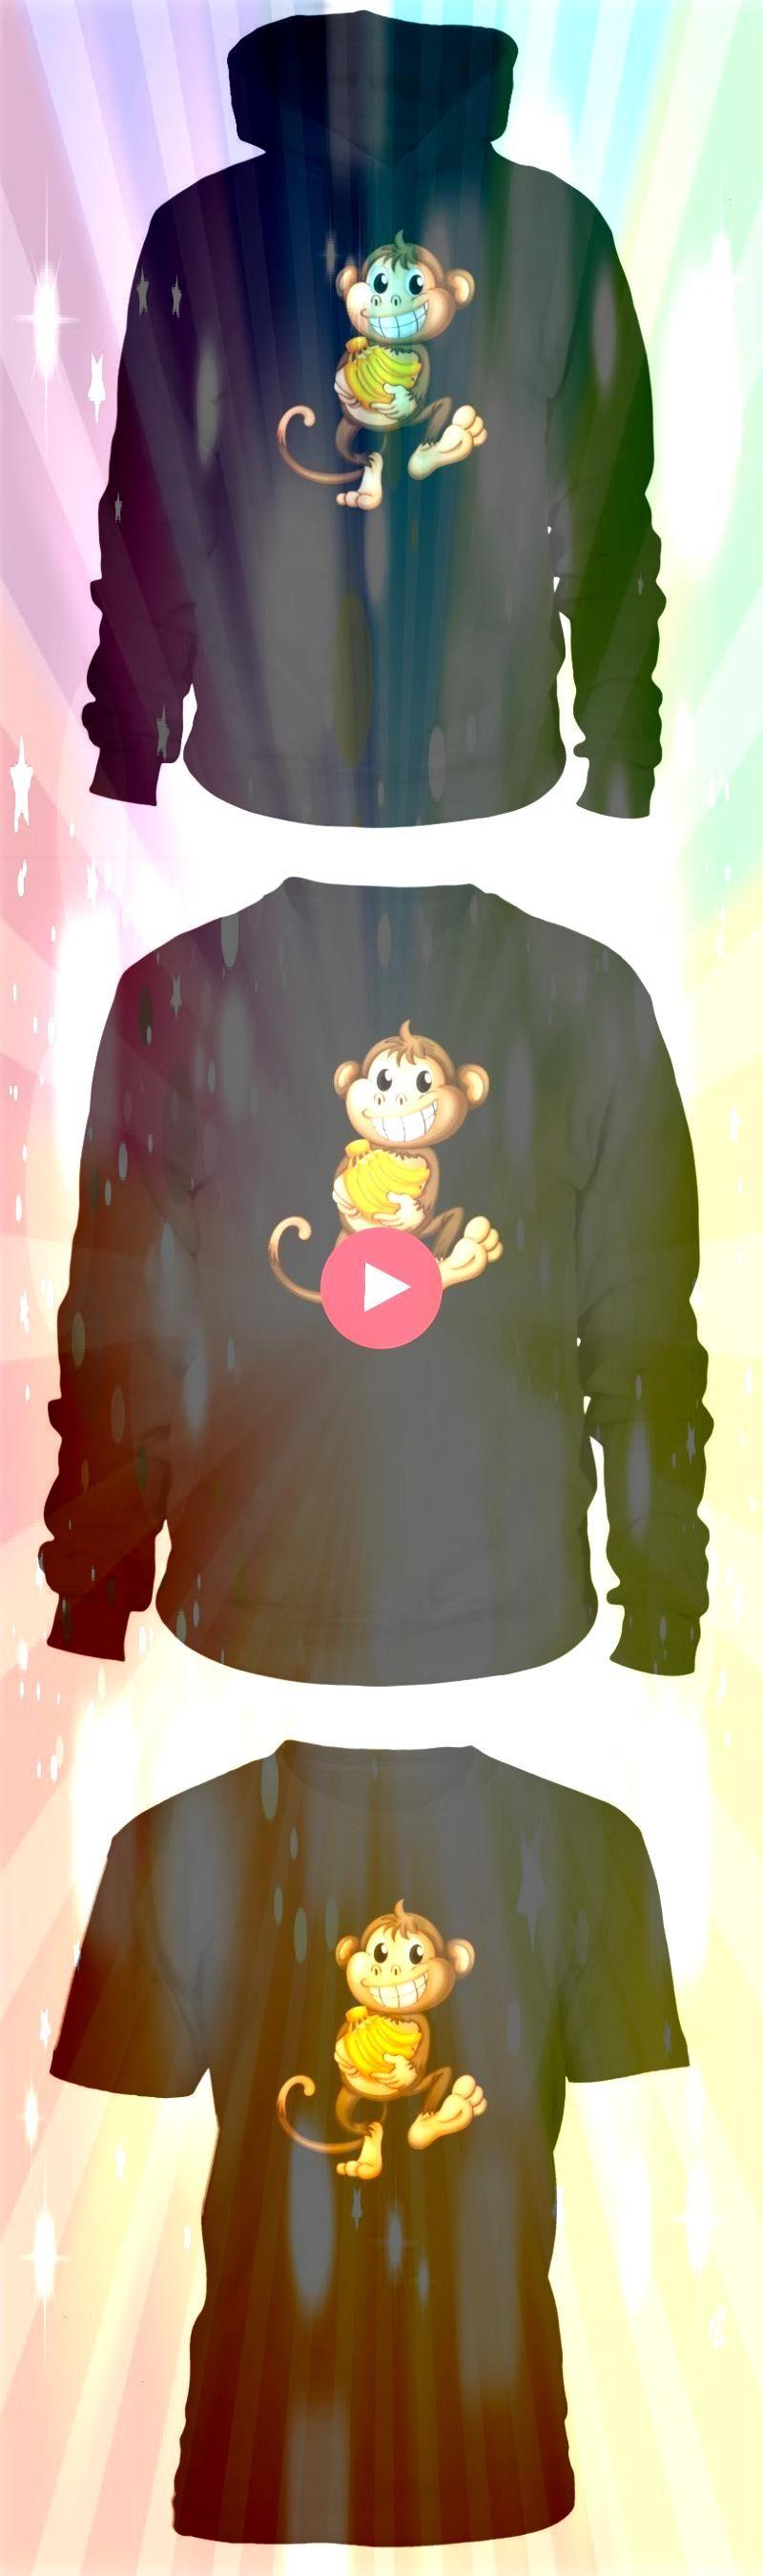 #gasmonkeygarage #sweatshirt #costume #monkey #garage #tshirt #hoodie #unisex #shirt #round #kids #neck #gas #for #tGas monkey garage t shirt monkey monkey t shirt costume Gas monkey garage t shirt monkey monkey t shirt costumeGas monkey garage t shirt monkey monkey t shirt costume Gas monkey garage t shirt monkey monkey t shirt costume  Arctic monkeys t shirt 3 affen - blind, taub, stumm gas monkey garage t shirt  Monkey business t shirt cheeky - monkey drunken monkey t shirt  Gas monkey... #gasmonkeygarage